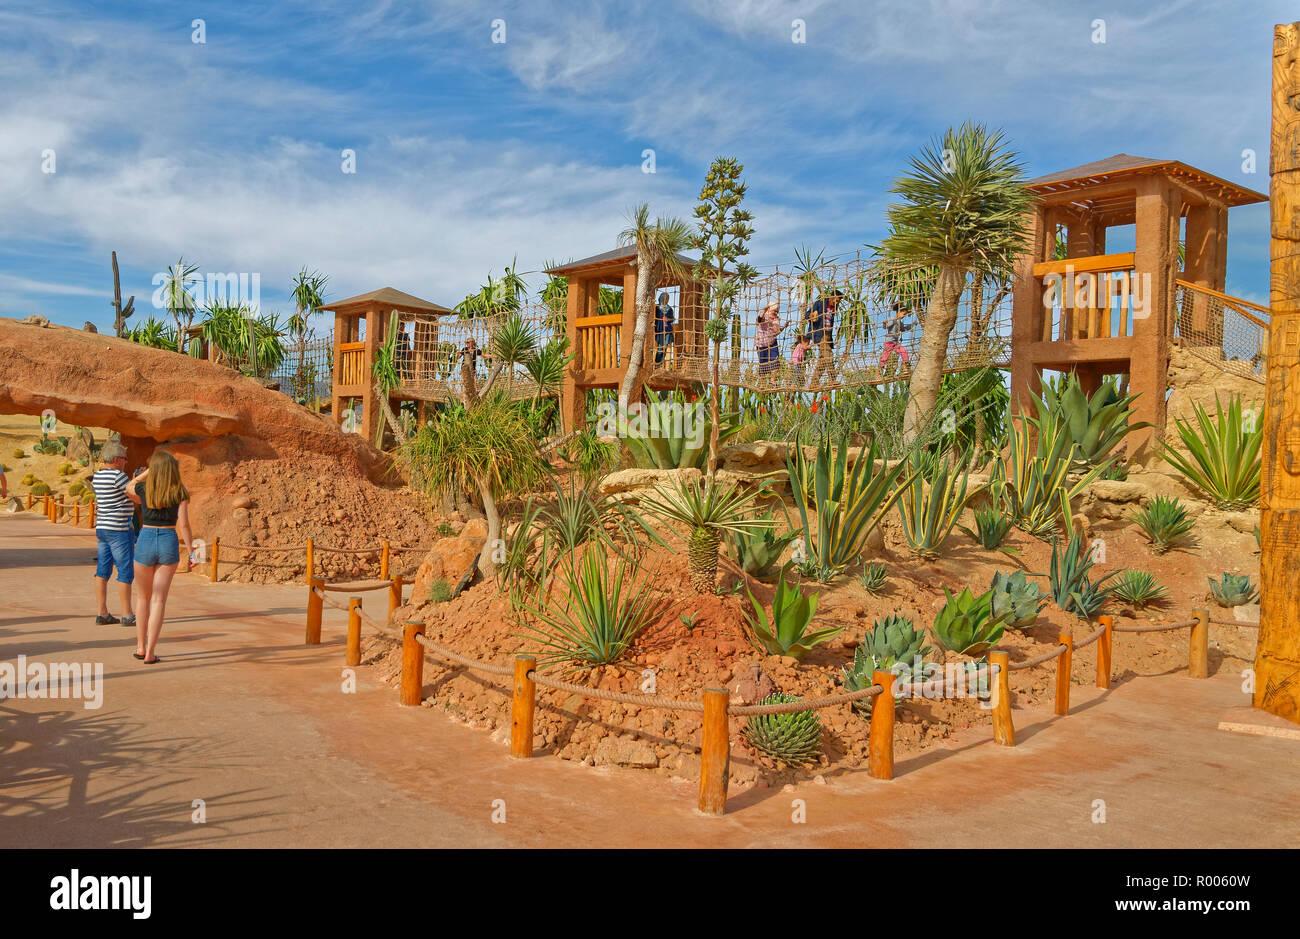 Jardín de Cactus en Croco Park, Agadir, provincia de Souss-Massa, en el sur de Marruecos, Norte de África Occidental. Imagen De Stock